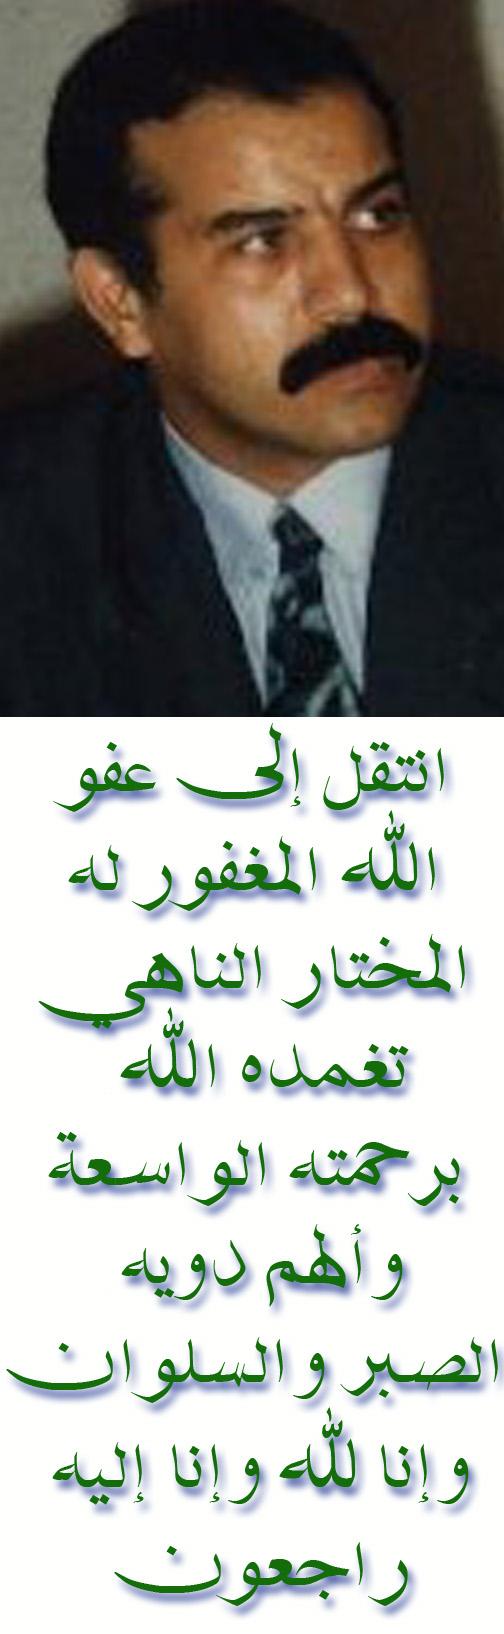 Avis de décès et condoléances Ennahi12